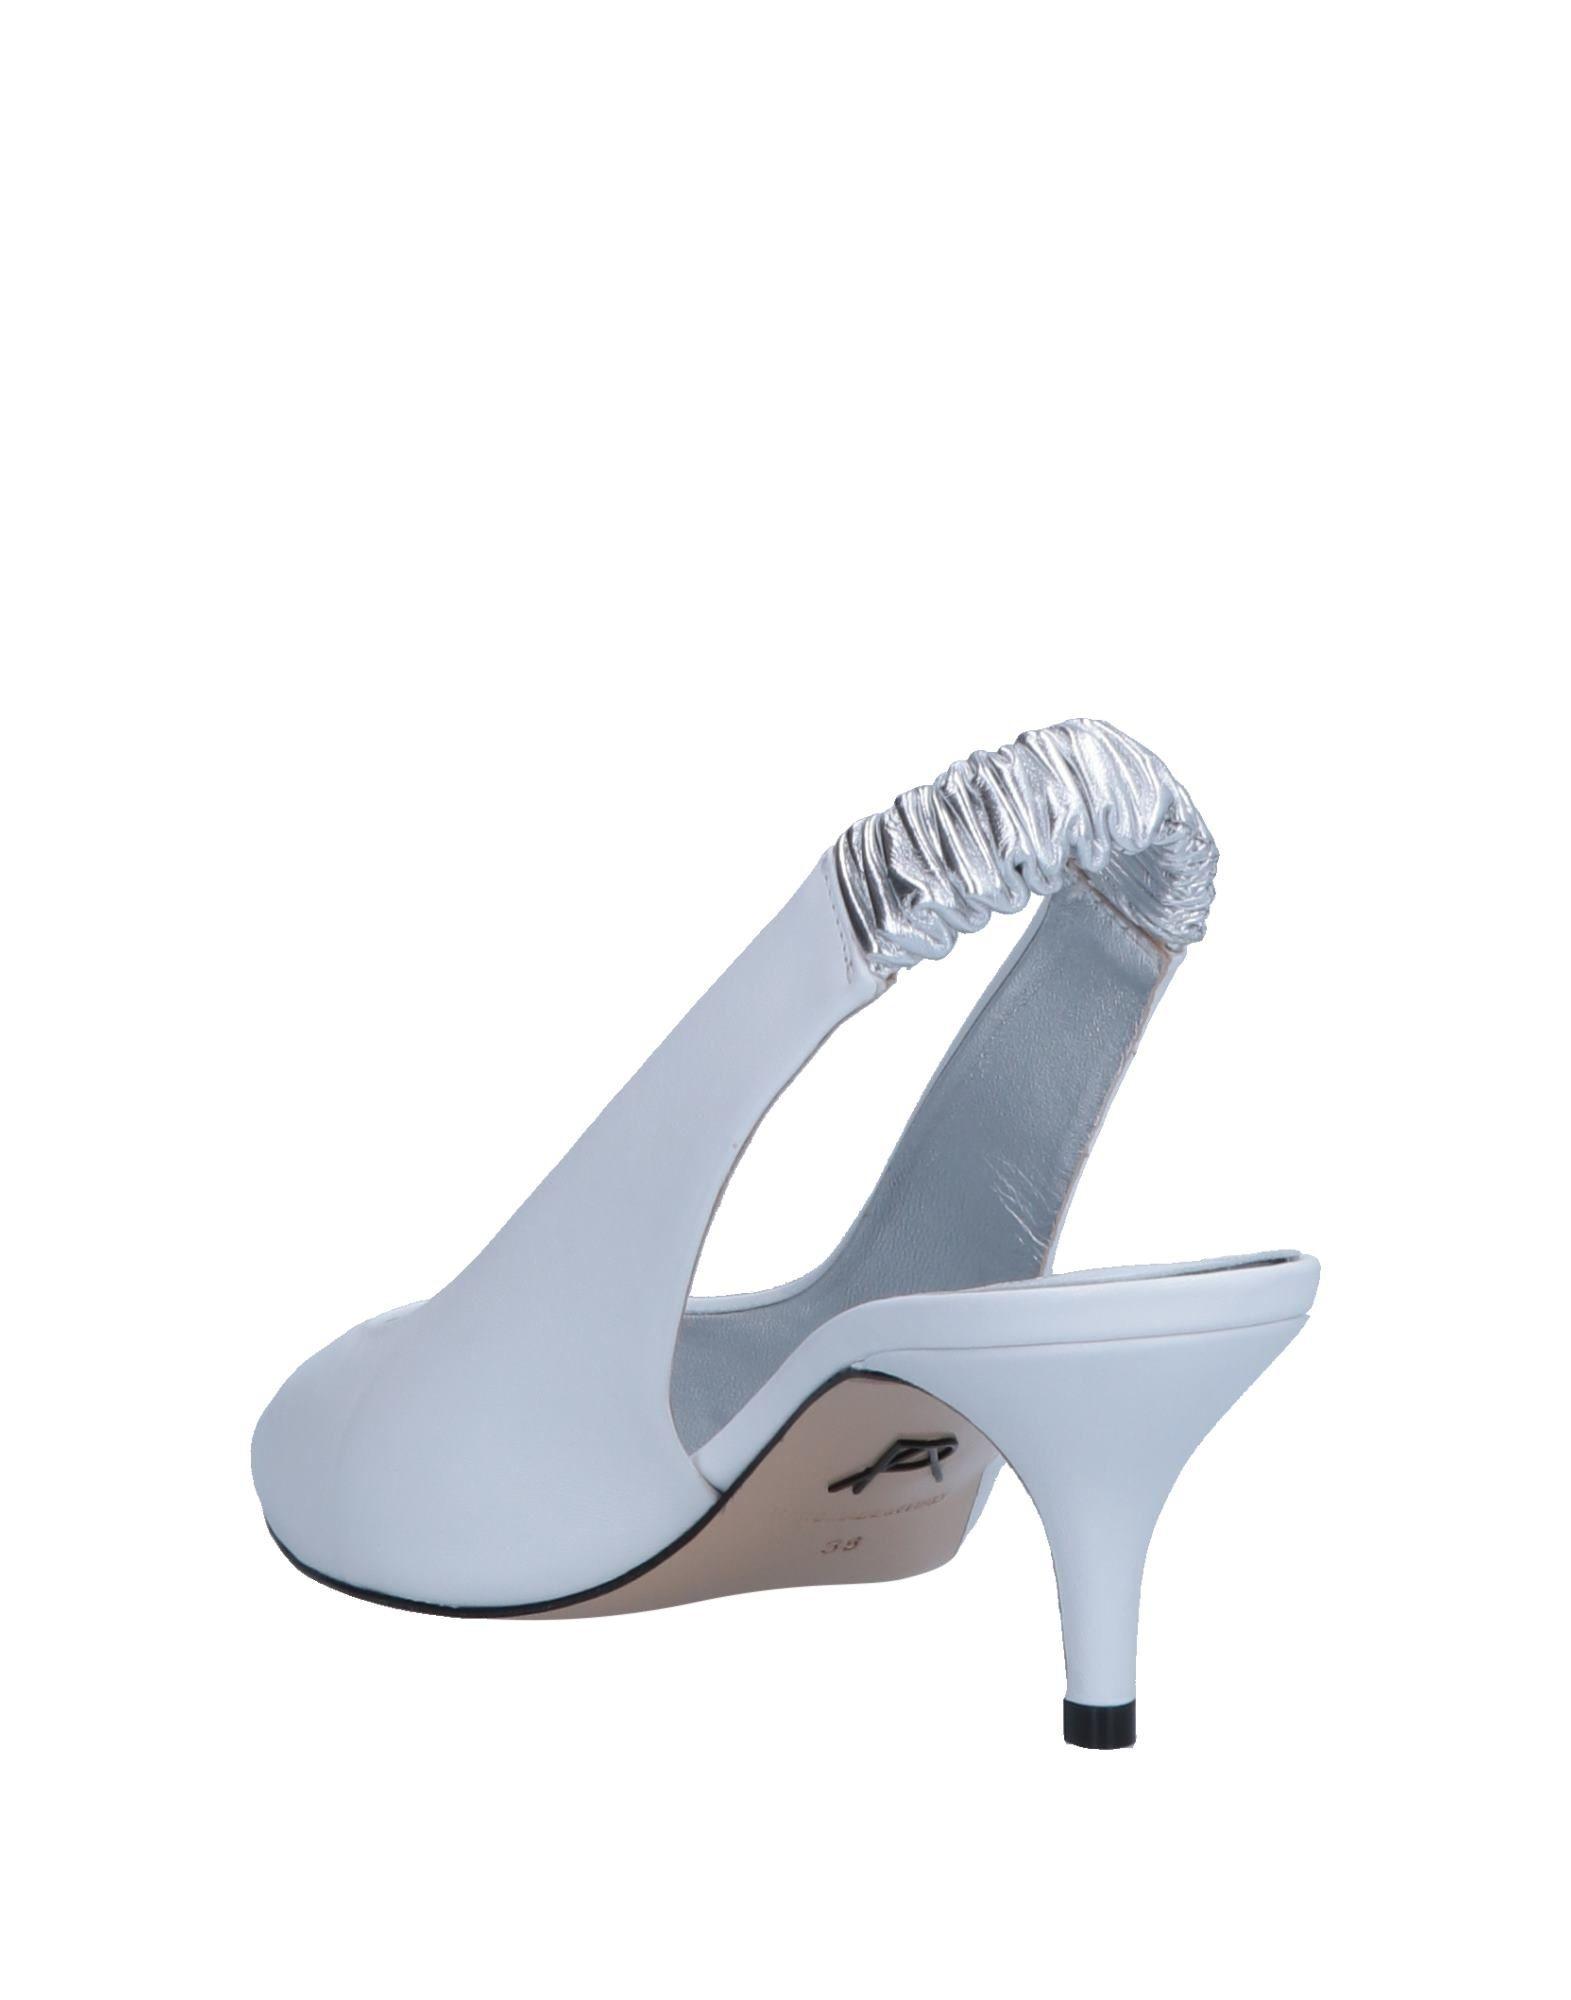 Paul Andrew Pumps Damen Schuhe  11554250JVGünstige gut aussehende Schuhe Damen b09a30